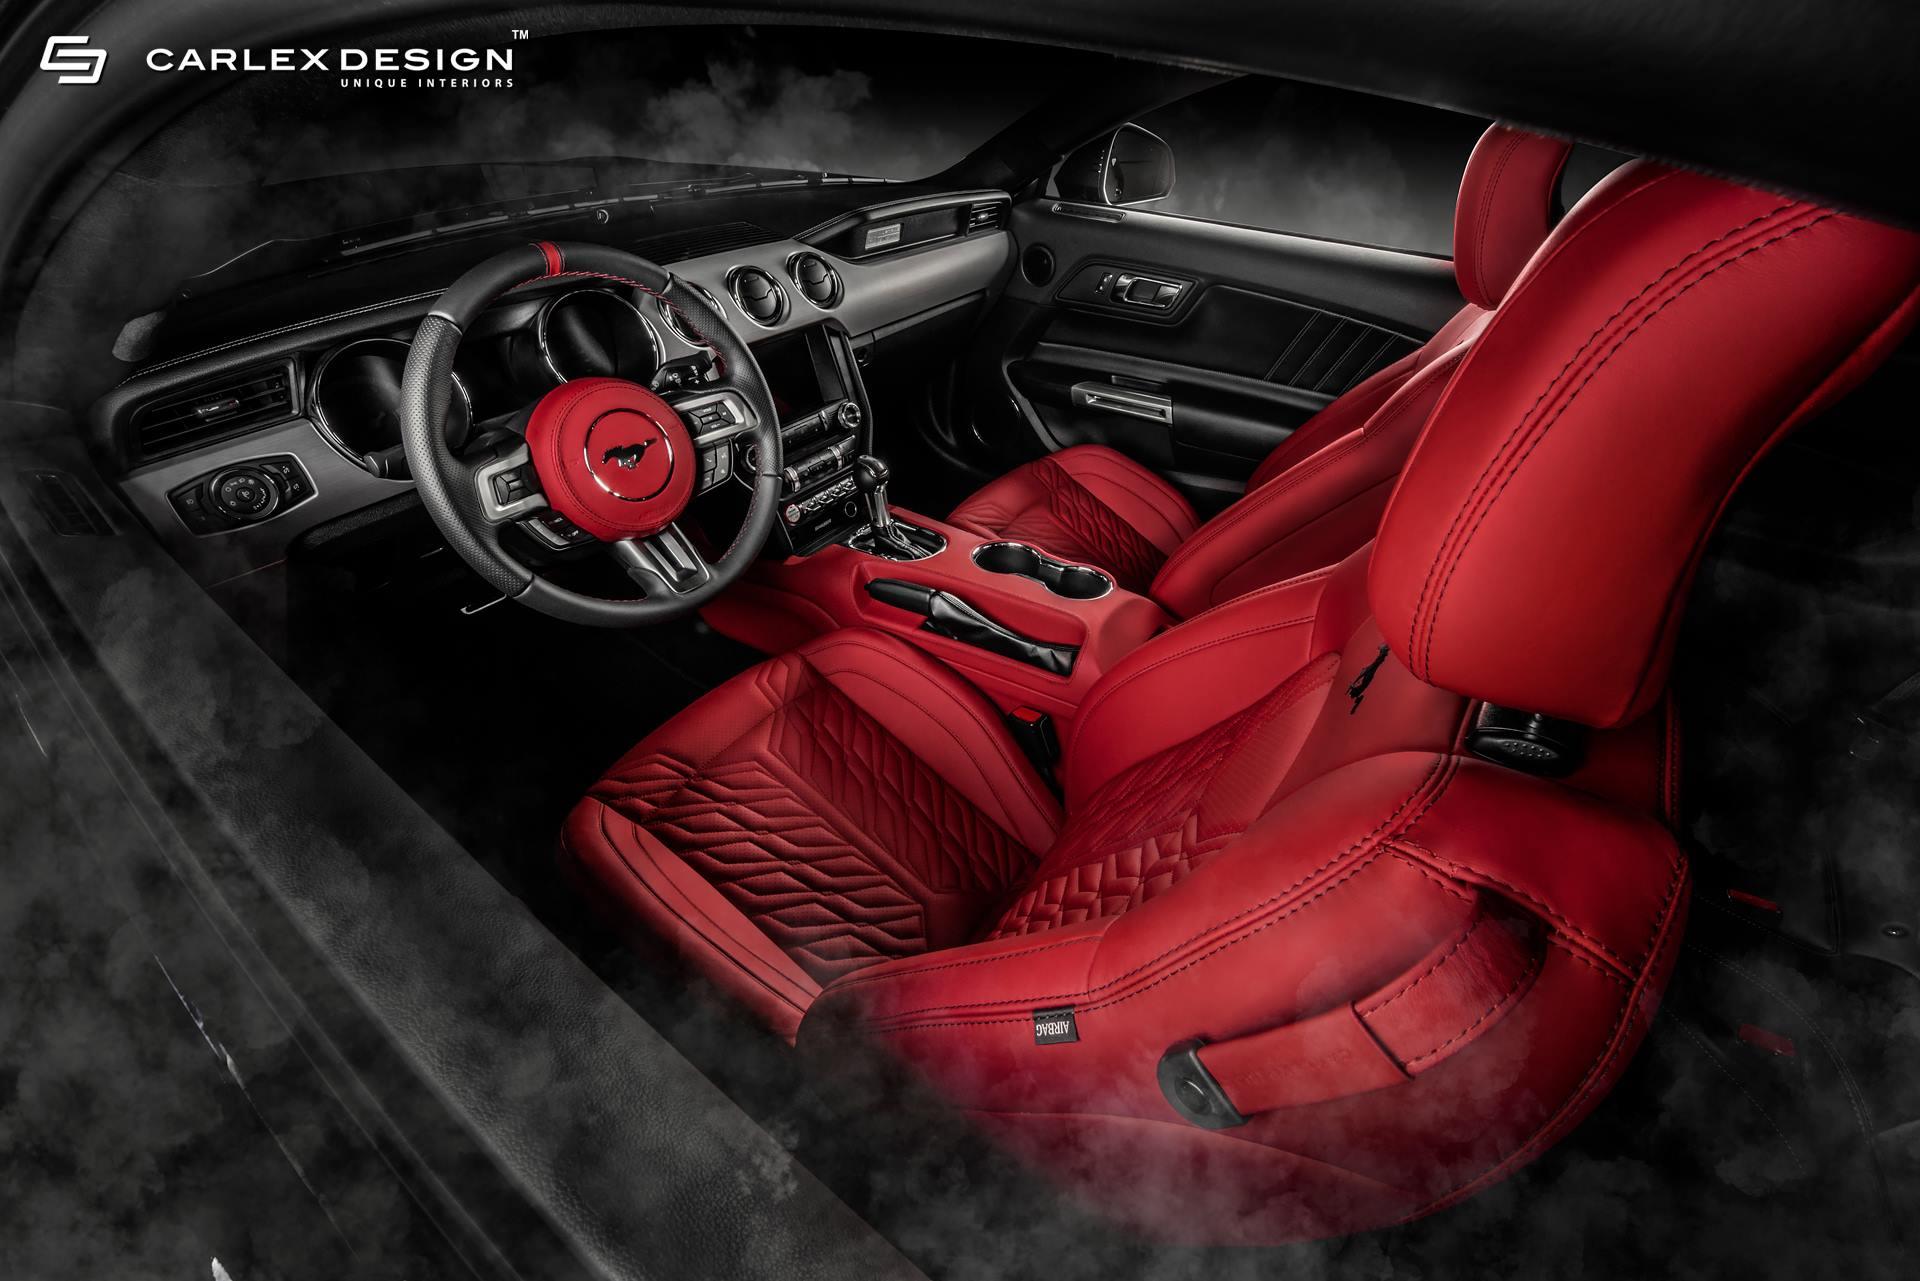 b496ae3a-carlex-mustang-red-interior-2